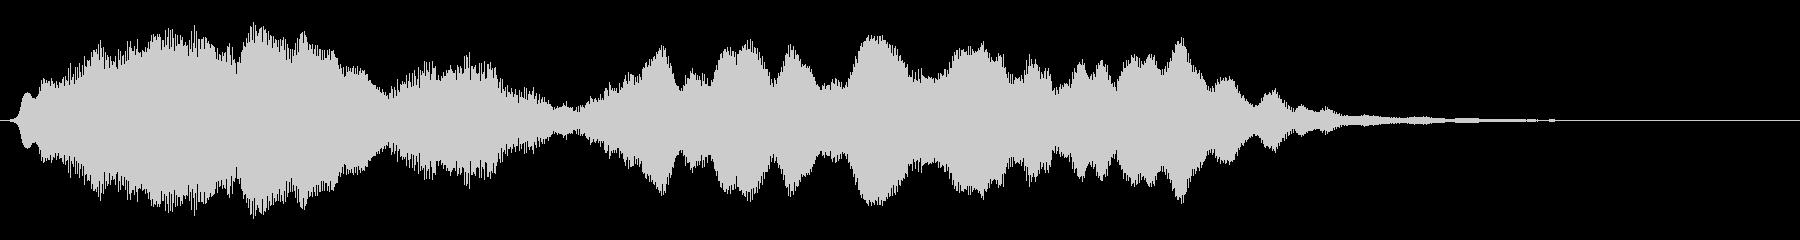 フルートの明るいジングル・場面転換3の未再生の波形